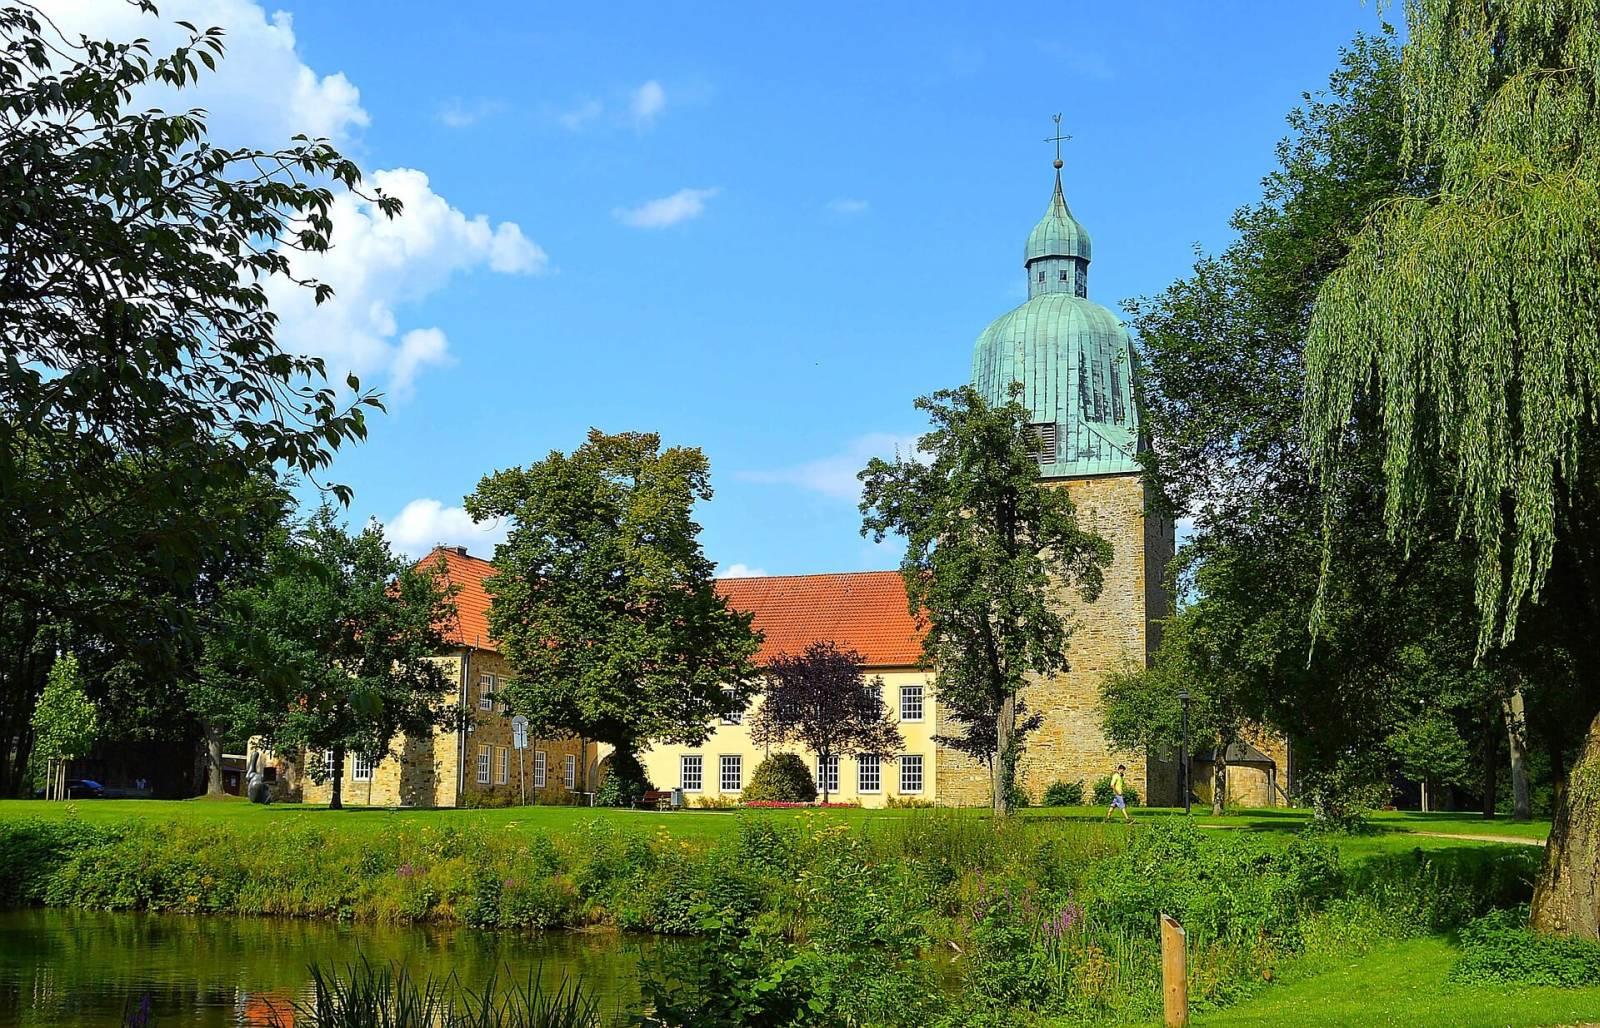 Wie Ist Das Wetter In Osnabrück